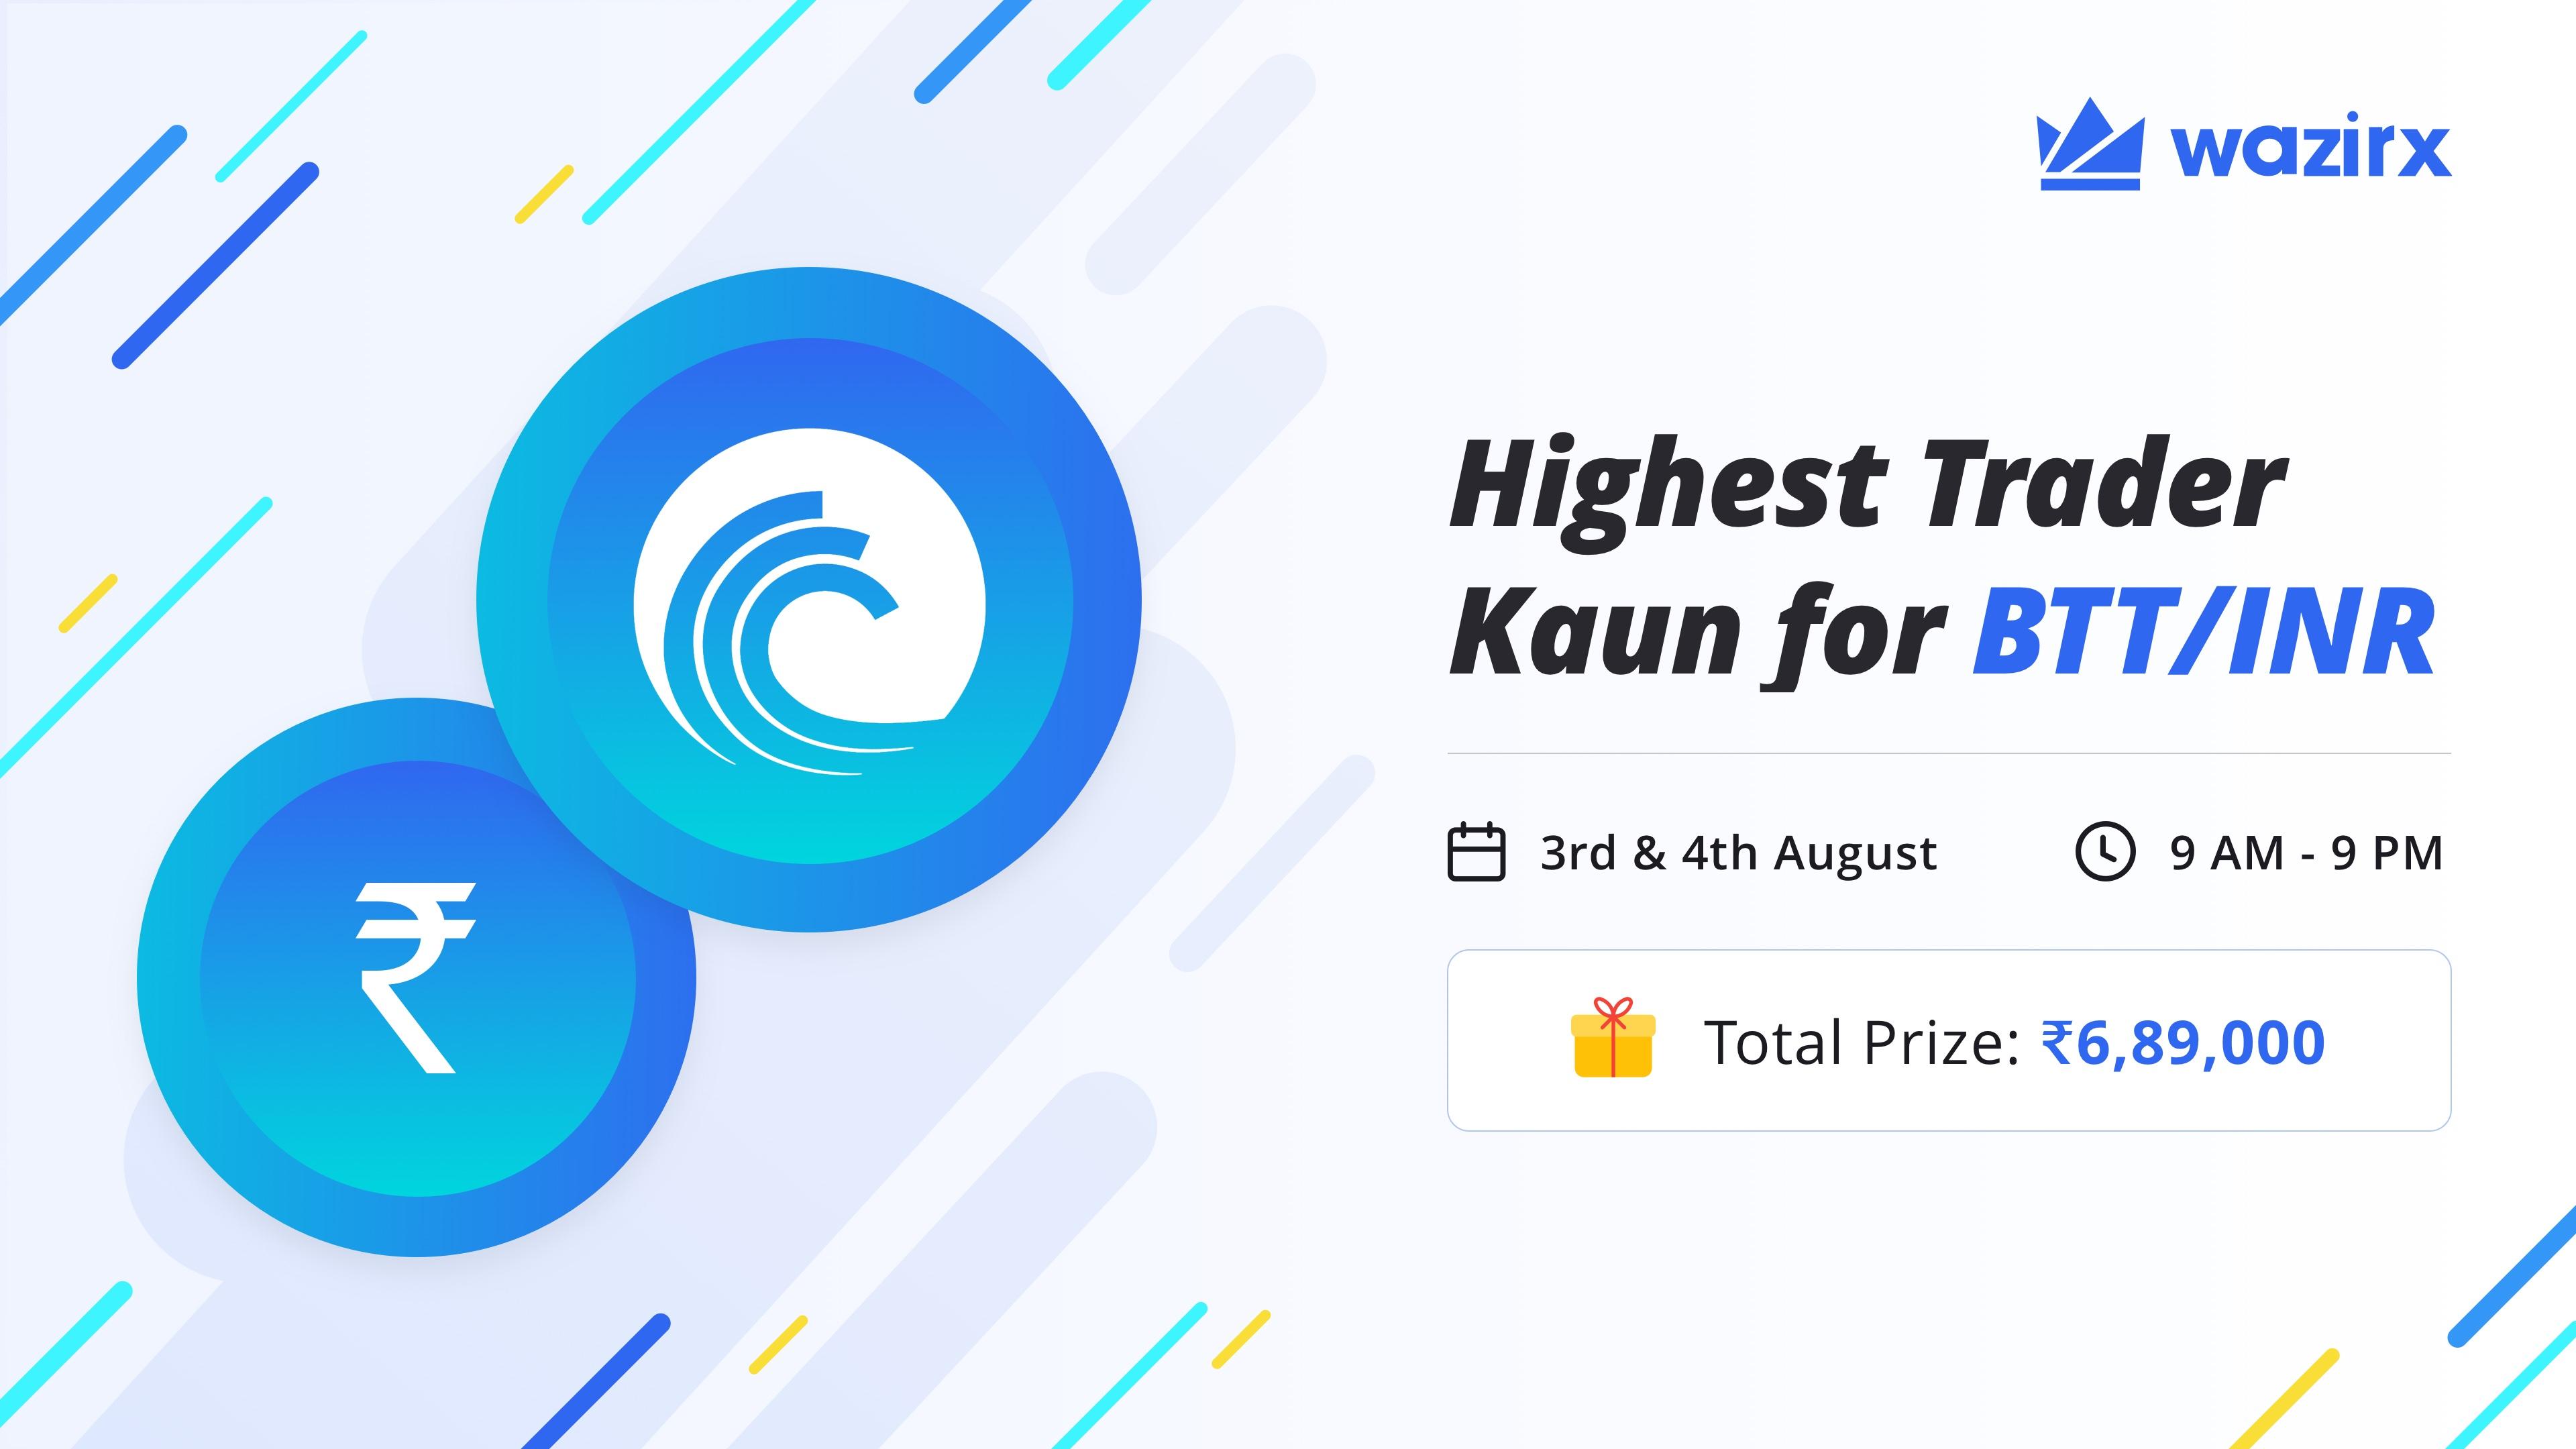 Highest Trader Kaun for BTT/INR